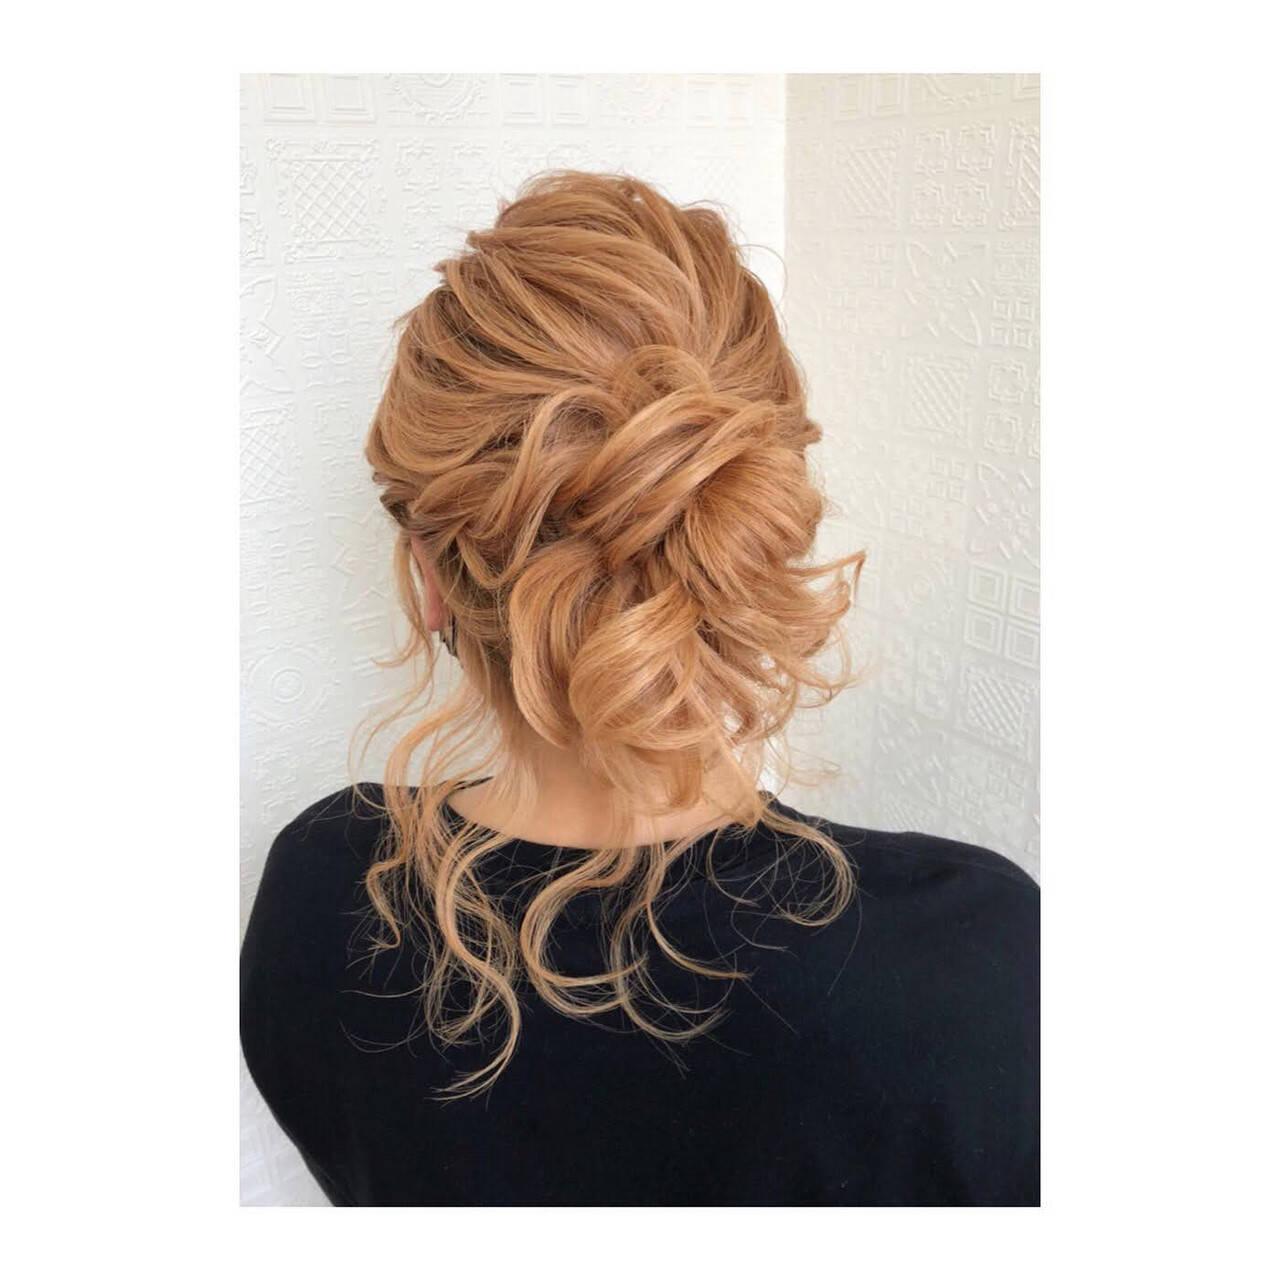 セミロング ヘアアレンジ フェミニン ふわふわヘアアレンジヘアスタイルや髪型の写真・画像